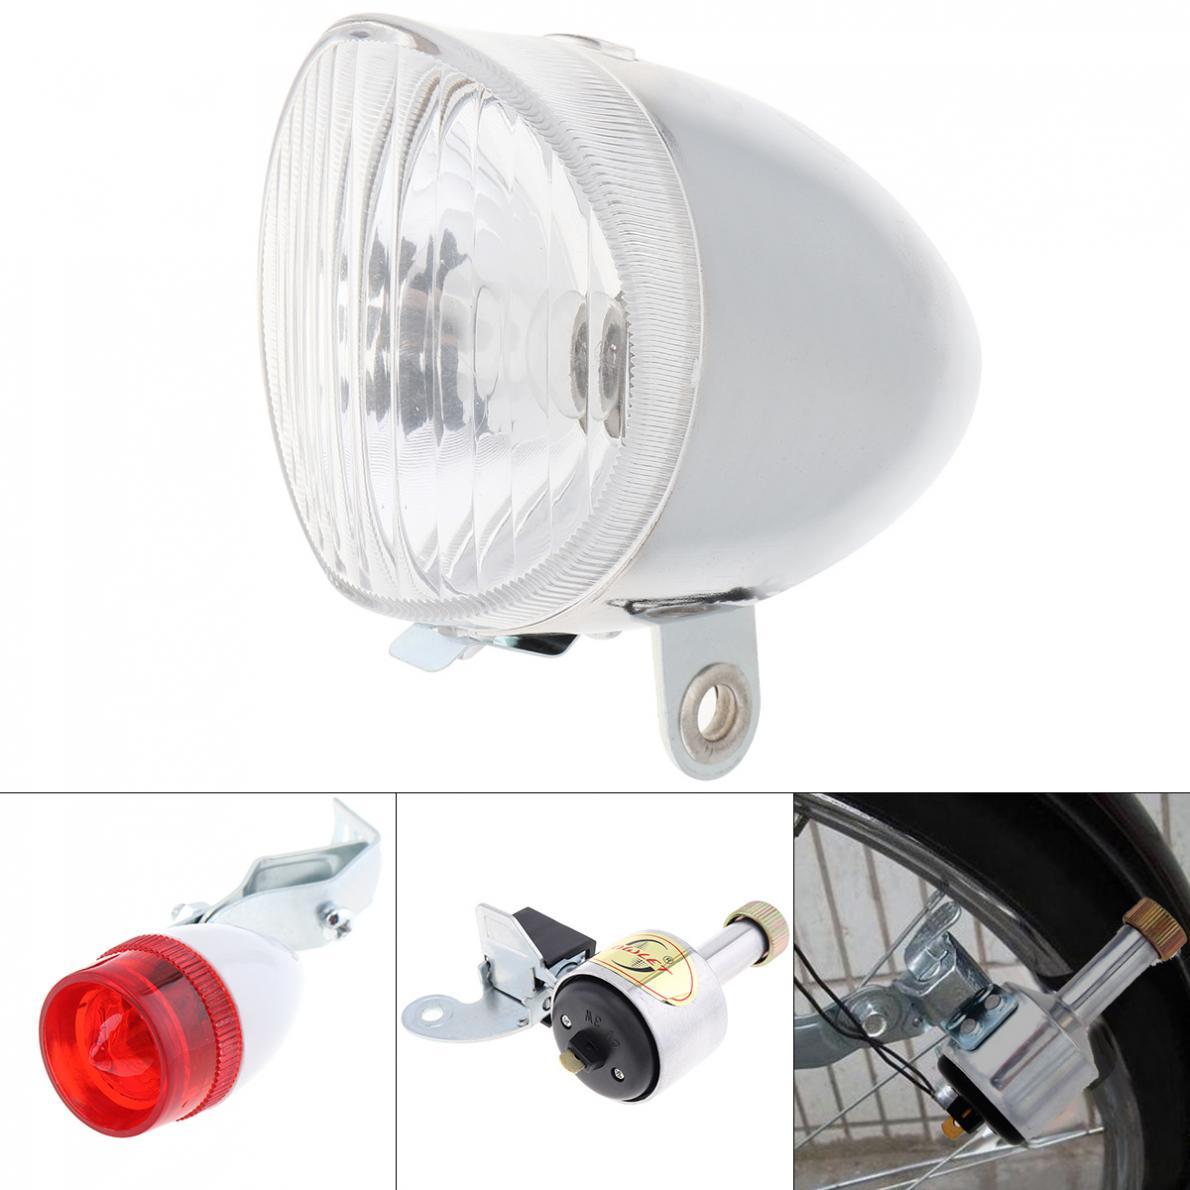 6V 3W Серебряный велосипед Динамо светильник s светодиодный самоуправляемый передний светильник на голову и задний светильник светодиодный светильник комплект безопасности для велосипеда